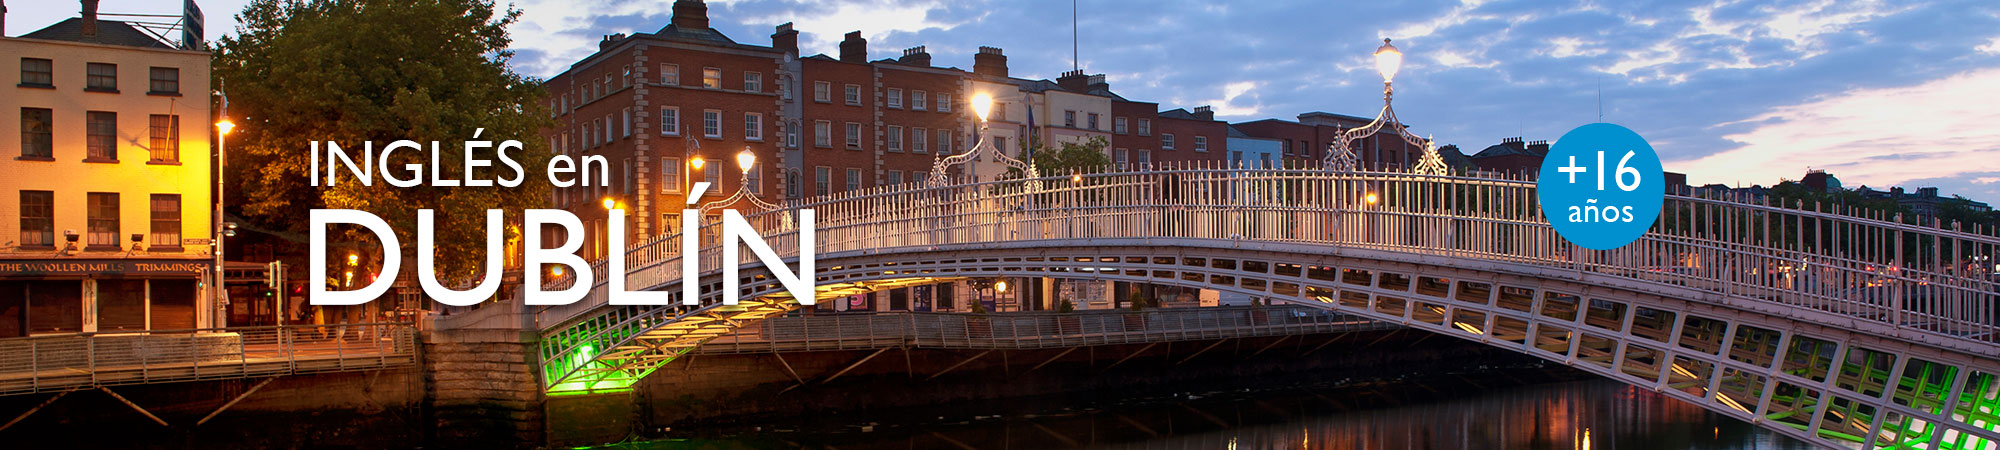 Estudiar inglés en Dublín Midleton School